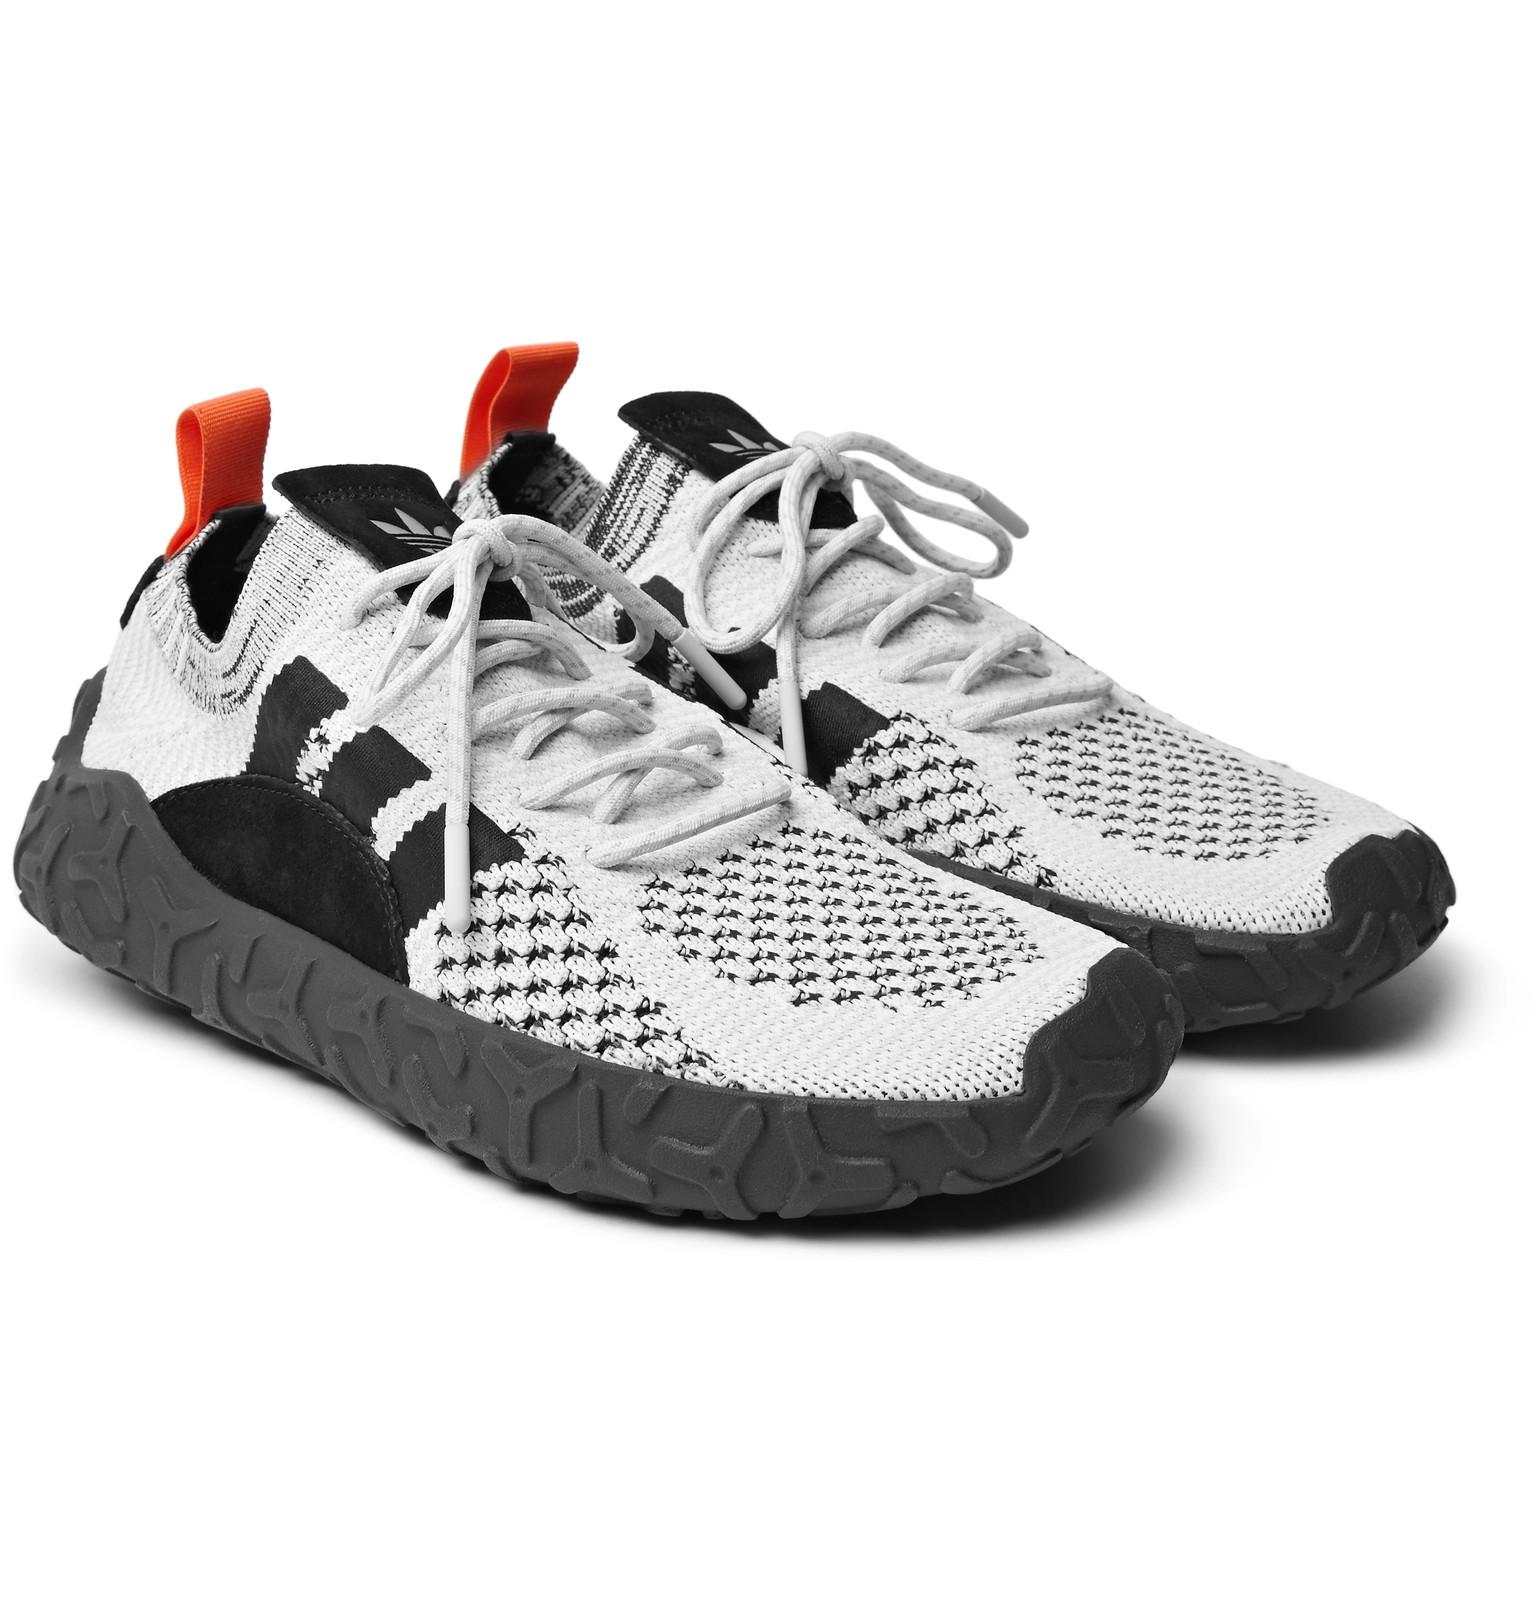 new arrival 7f814 f4b3f adidas Originals - F22 Primeknit Sneakers